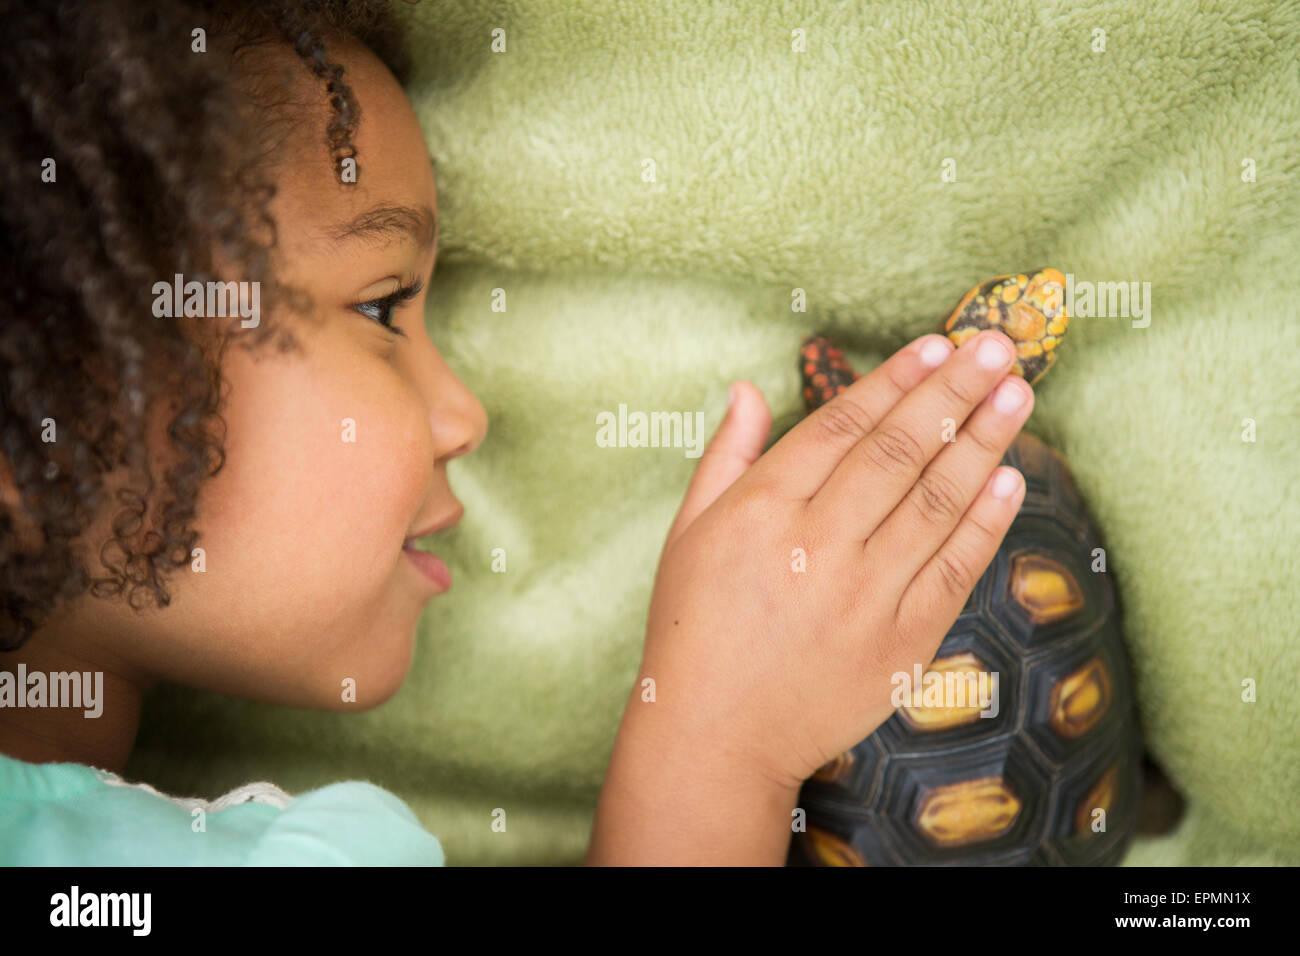 Una giovane ragazza guardando una tartaruga. Immagini Stock